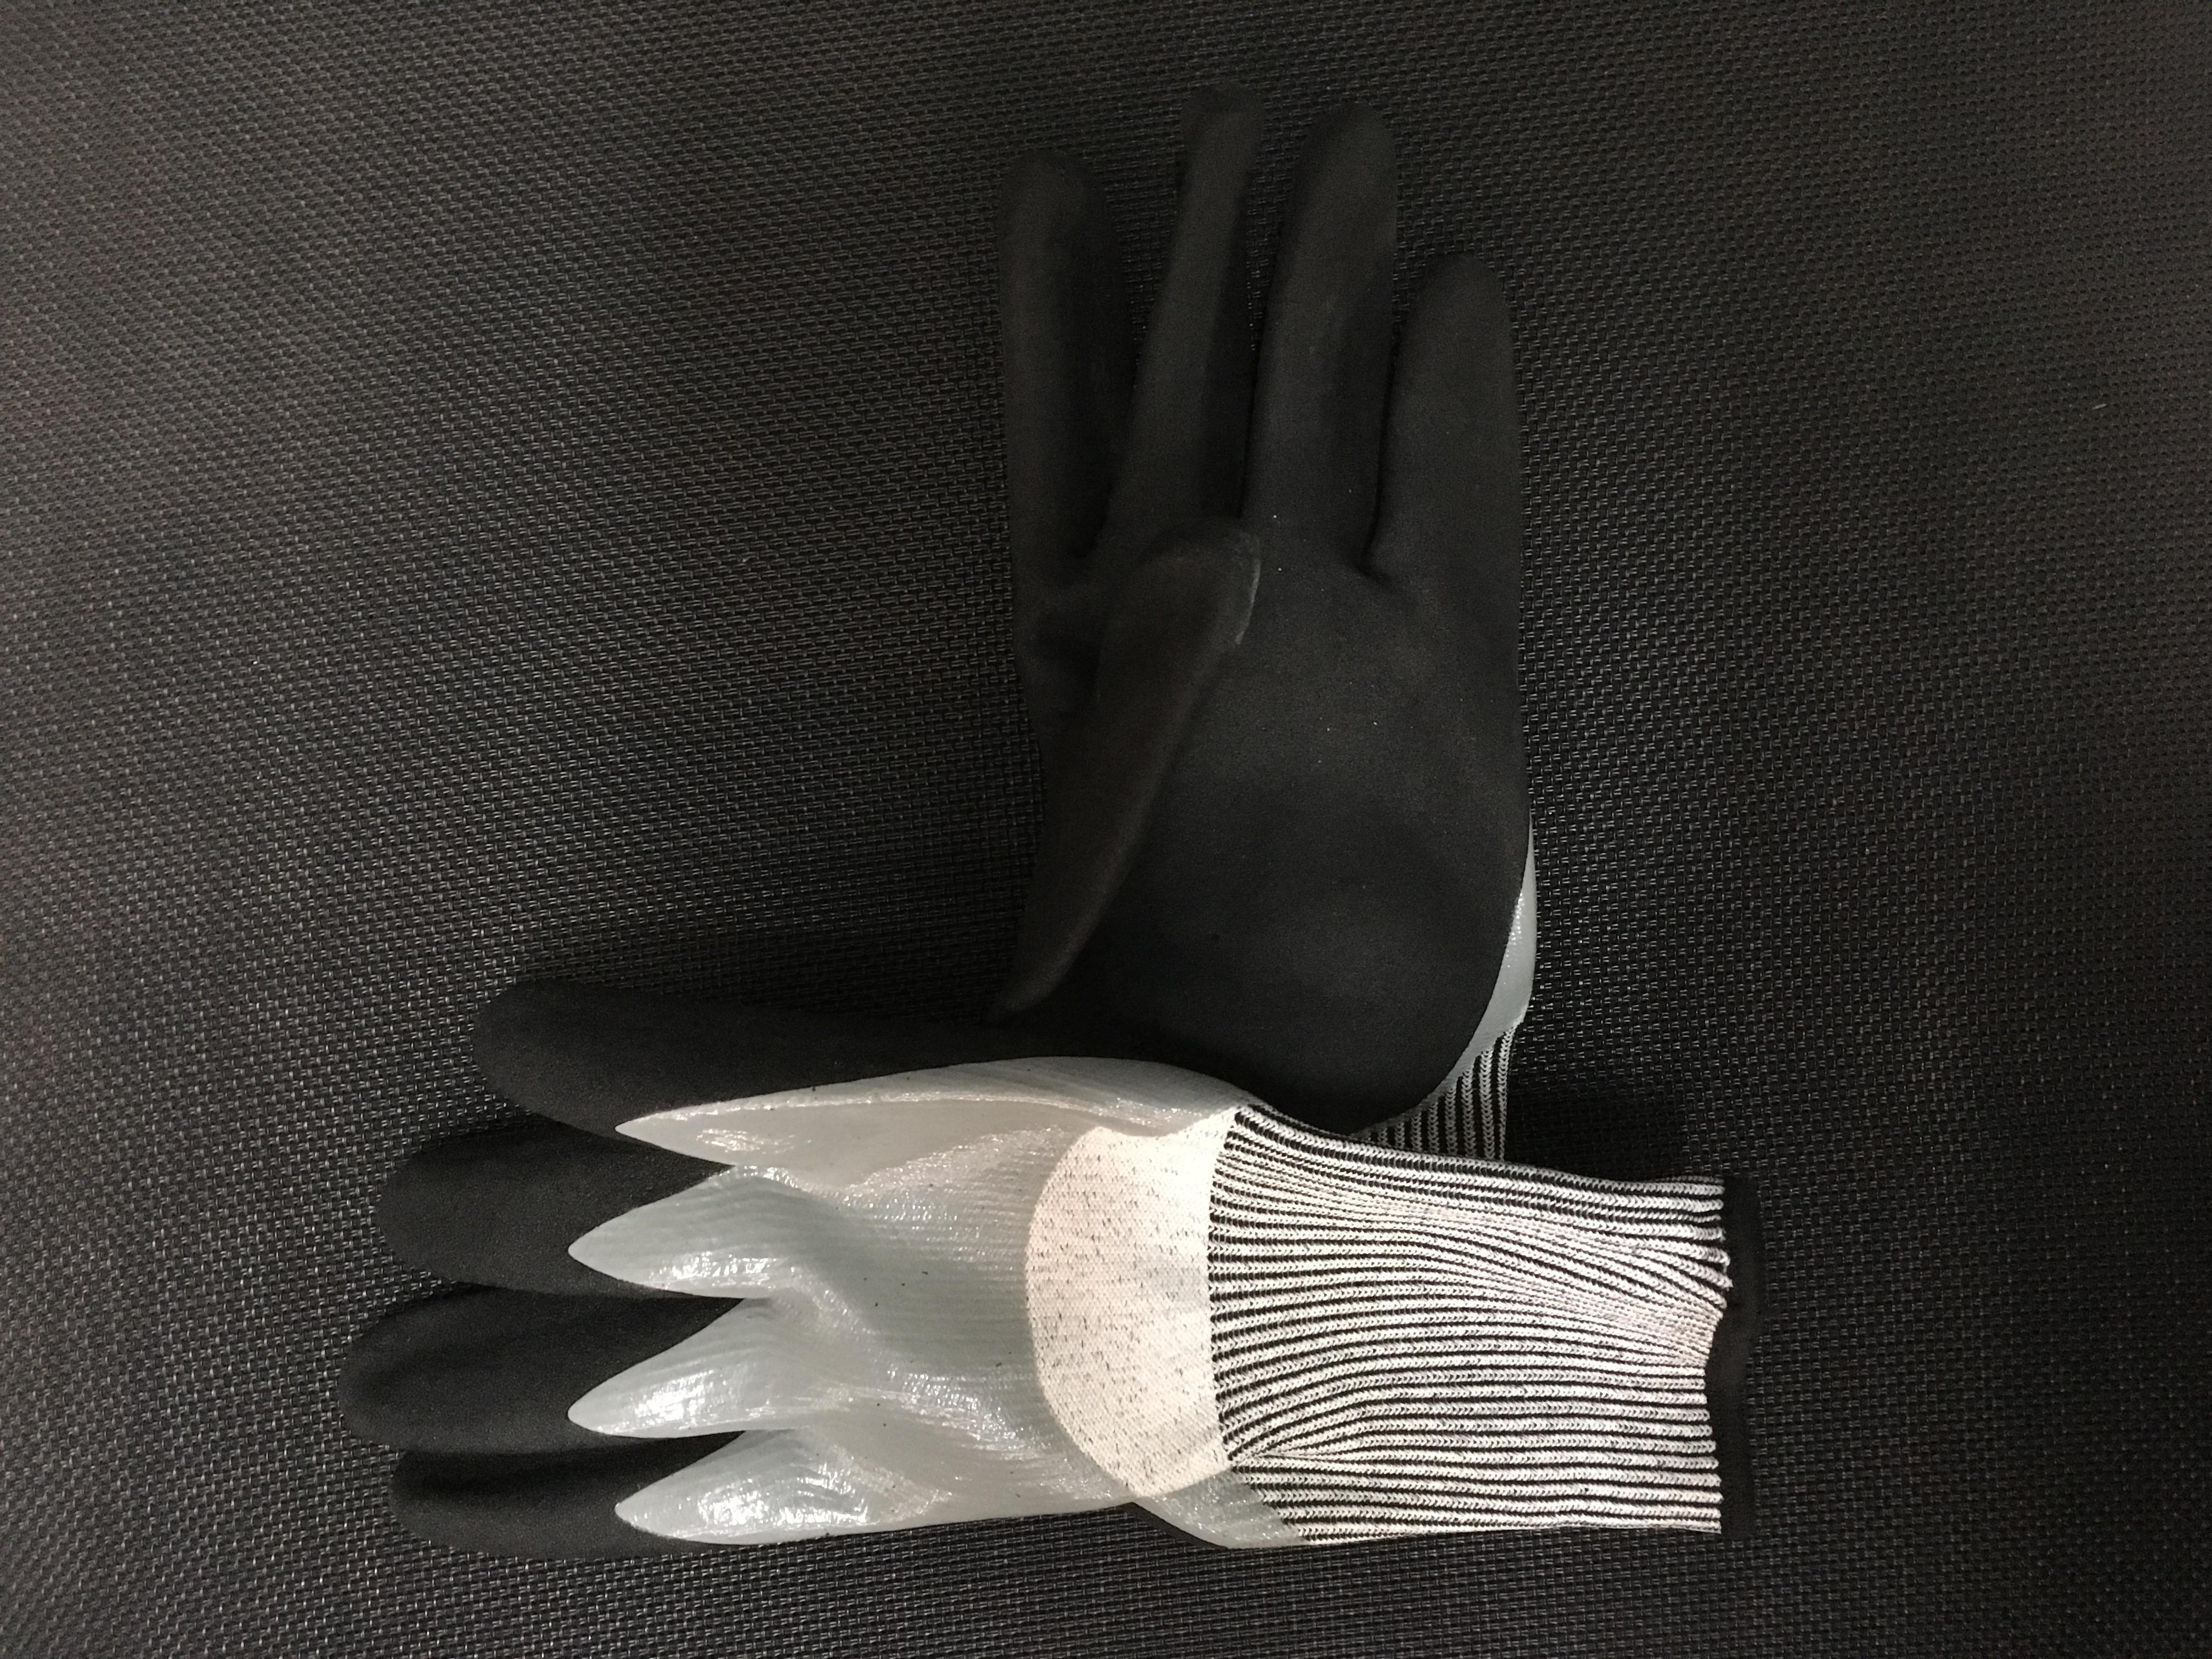 ถุงมือกันบาดเคลือบยาง (กันลื่น)